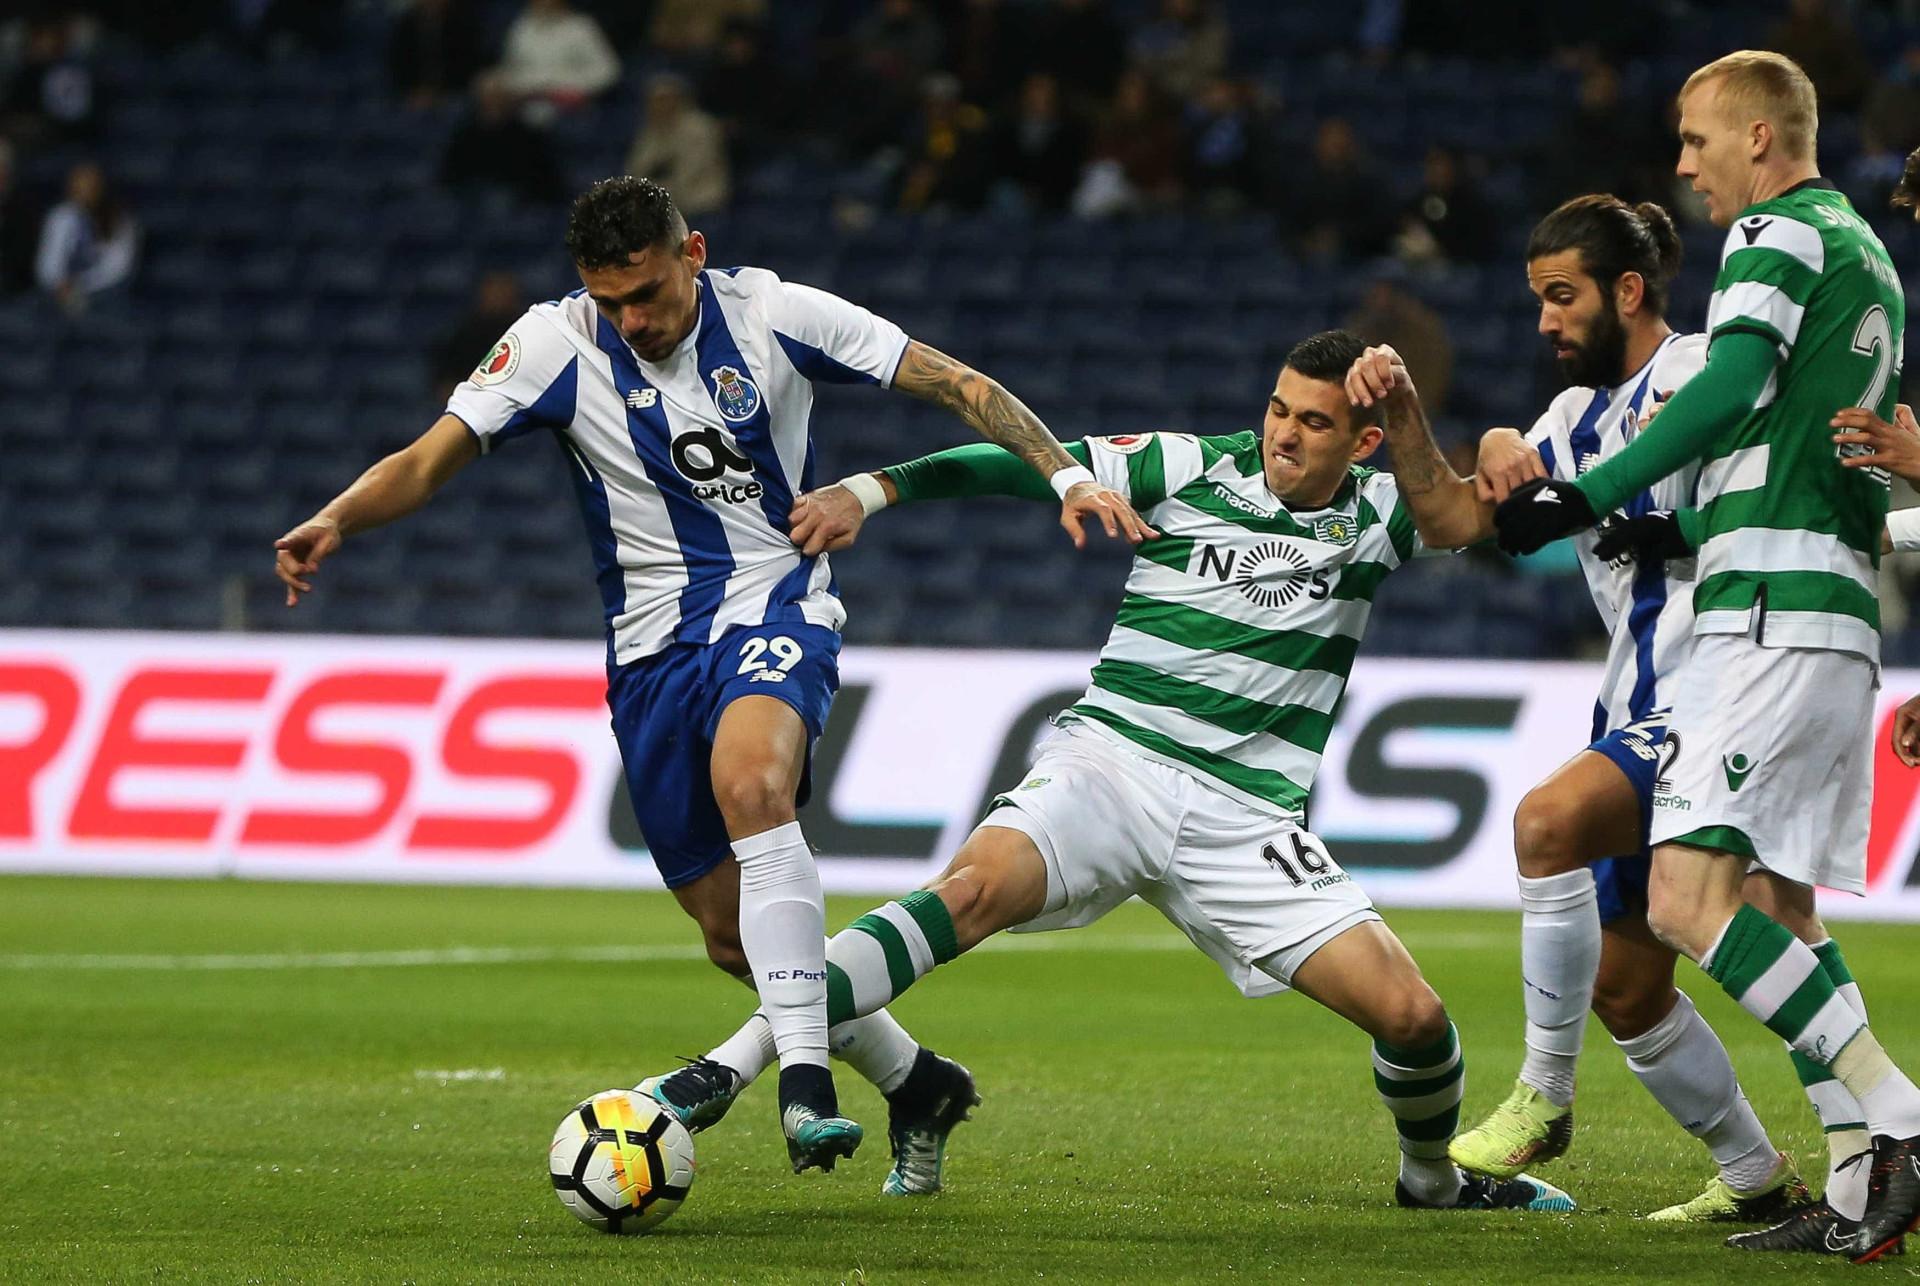 FC Porto levou a melhor e são estas as imagens que vão ficar na memória